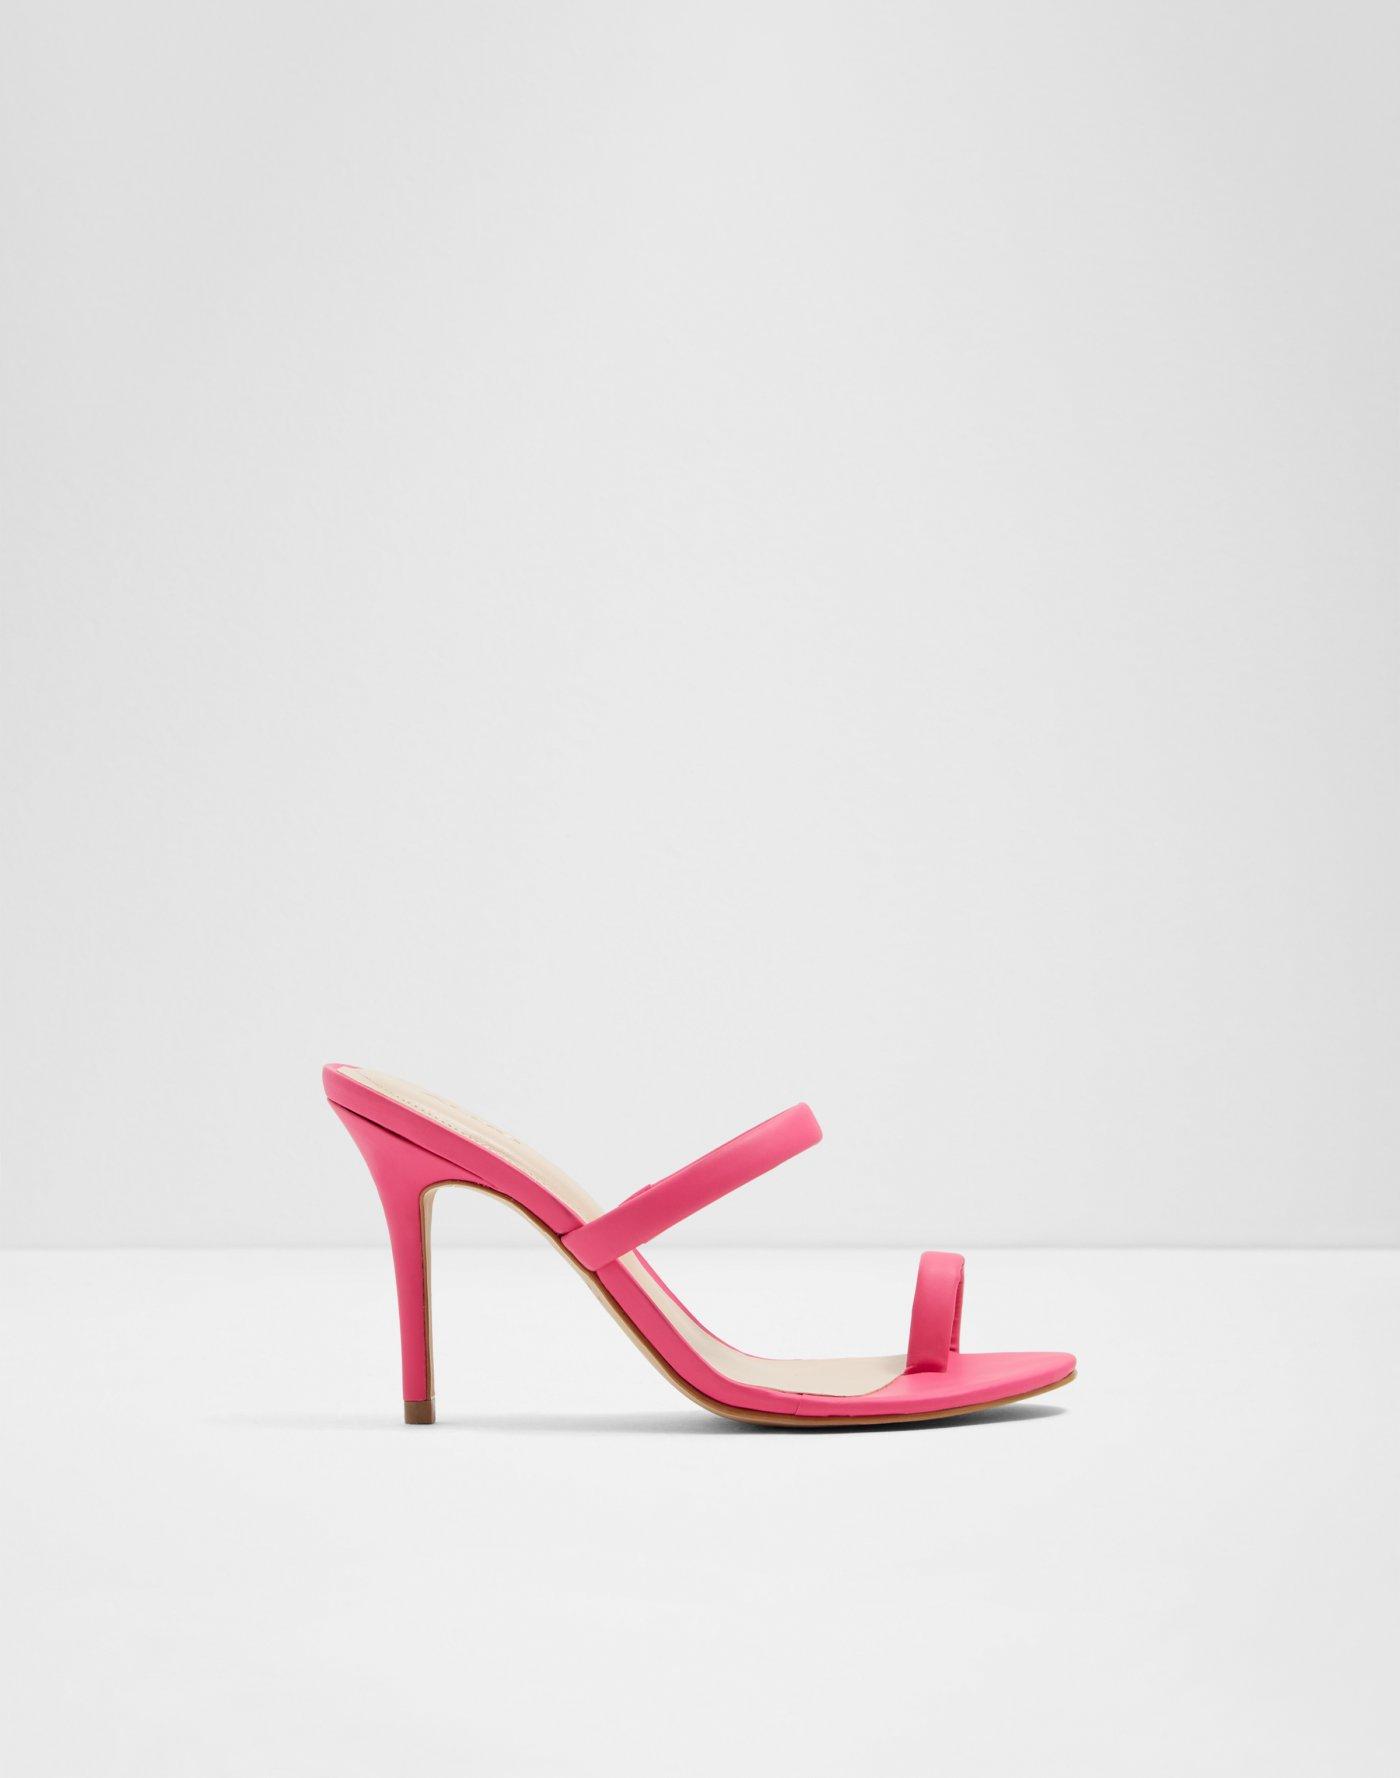 fe63275821 Heels | ALDO Canada